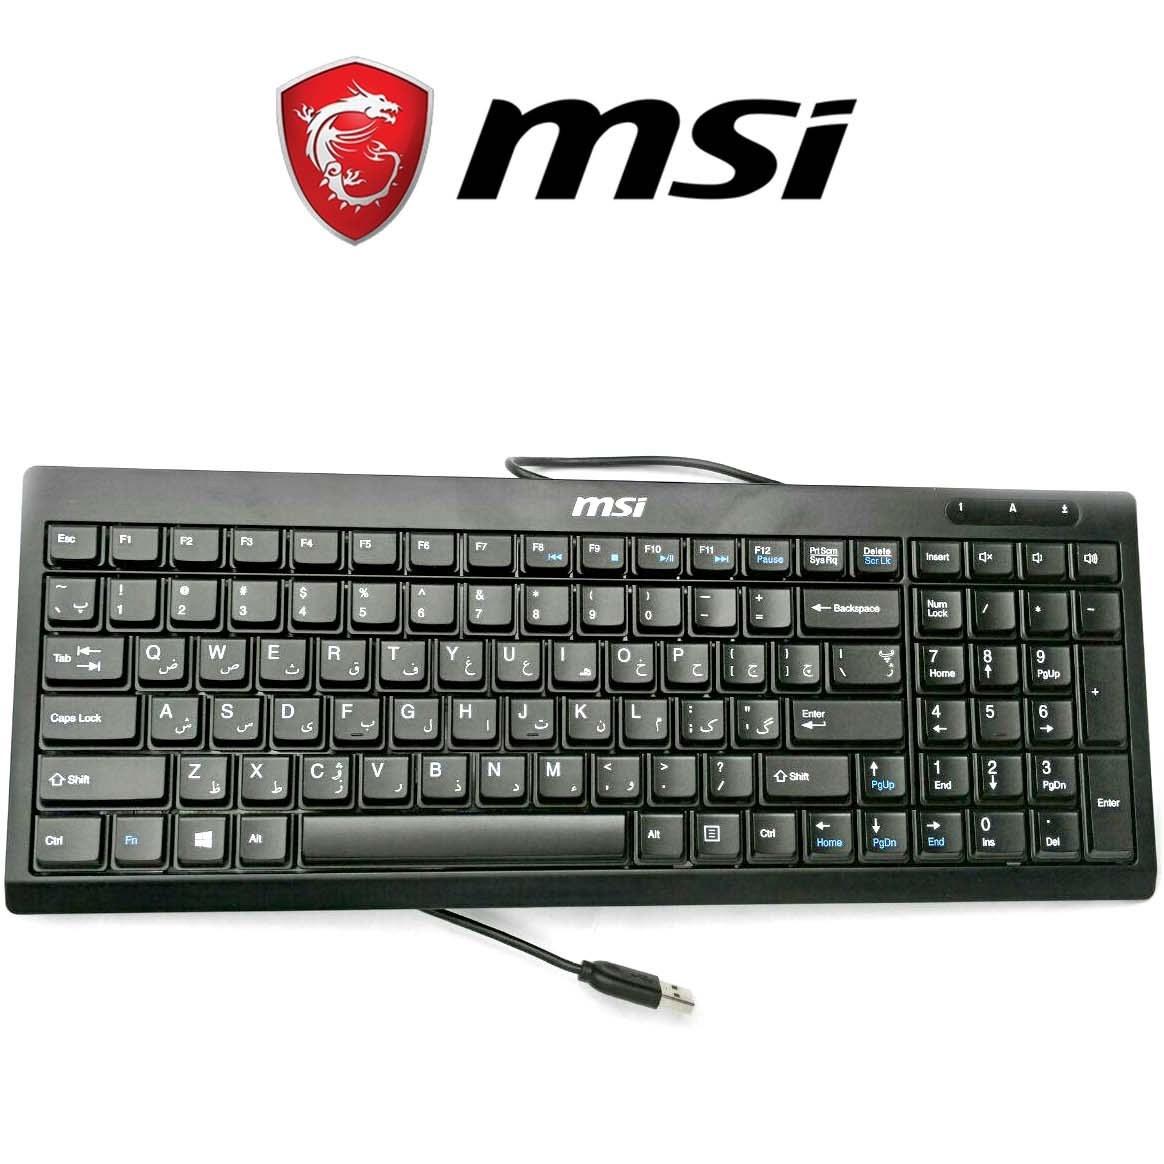 تصویر Keyboard MSI KU-1019 کیبورد باسیم ام اس آی Keyboard MSI